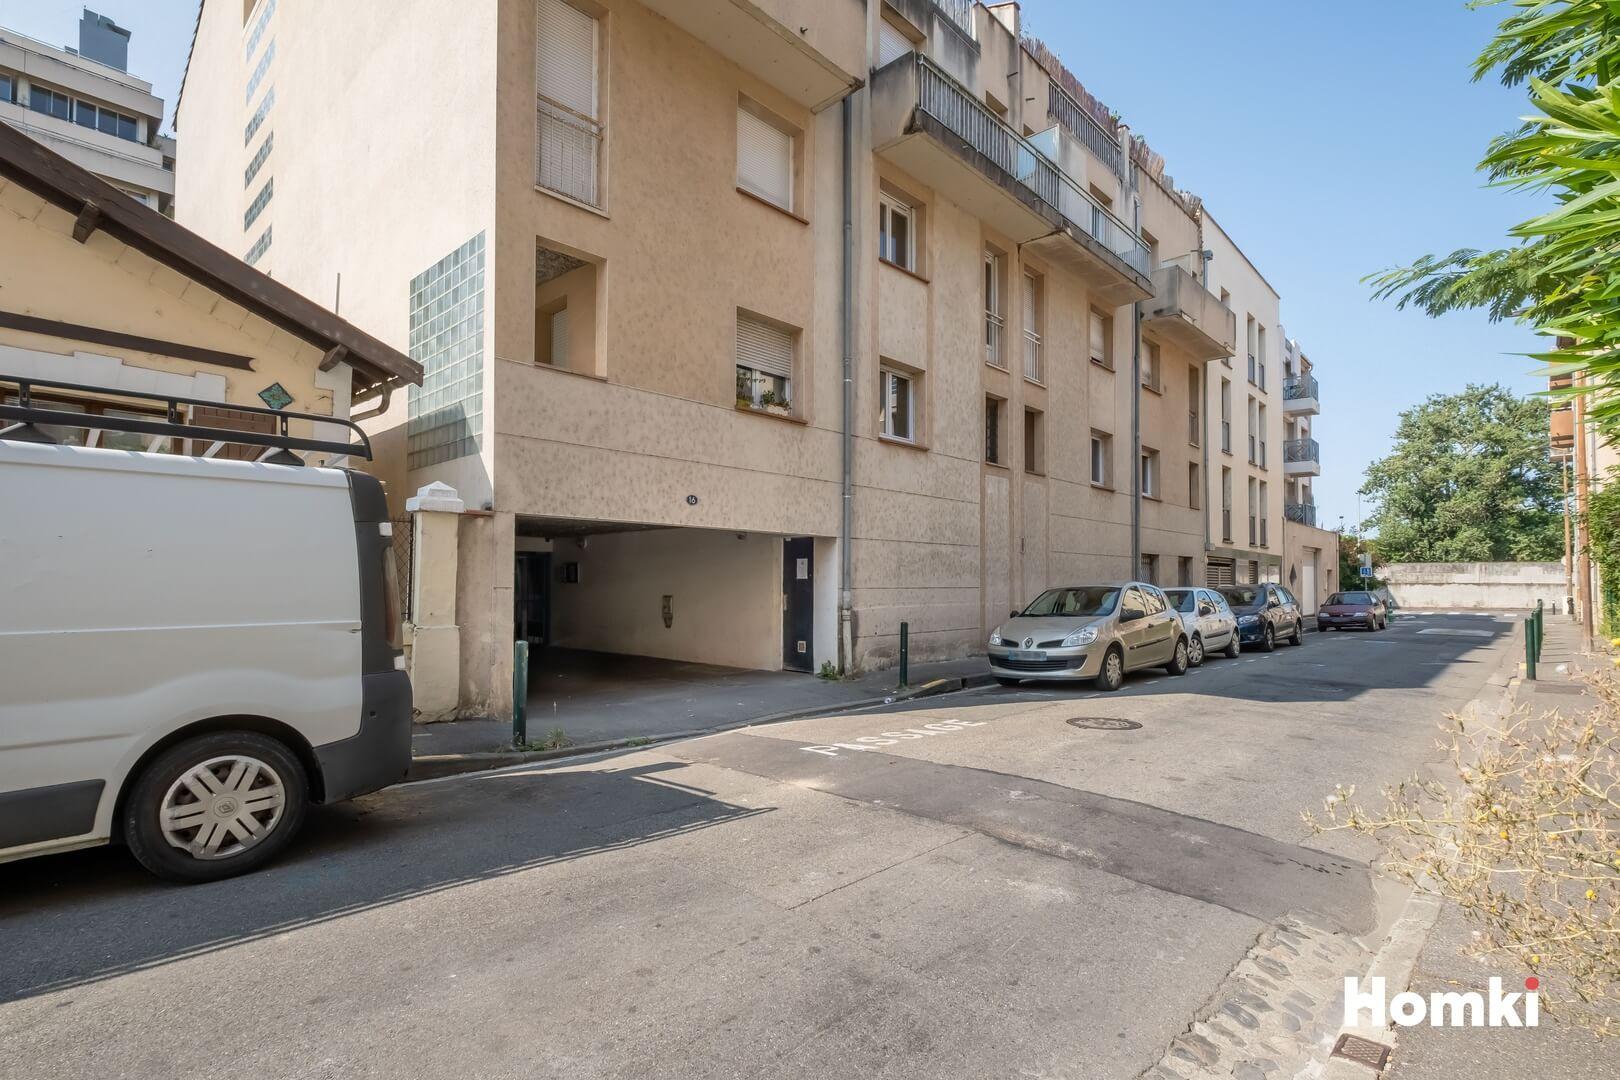 Homki - Vente Appartement  de 31.52 m² à Toulouse 31400